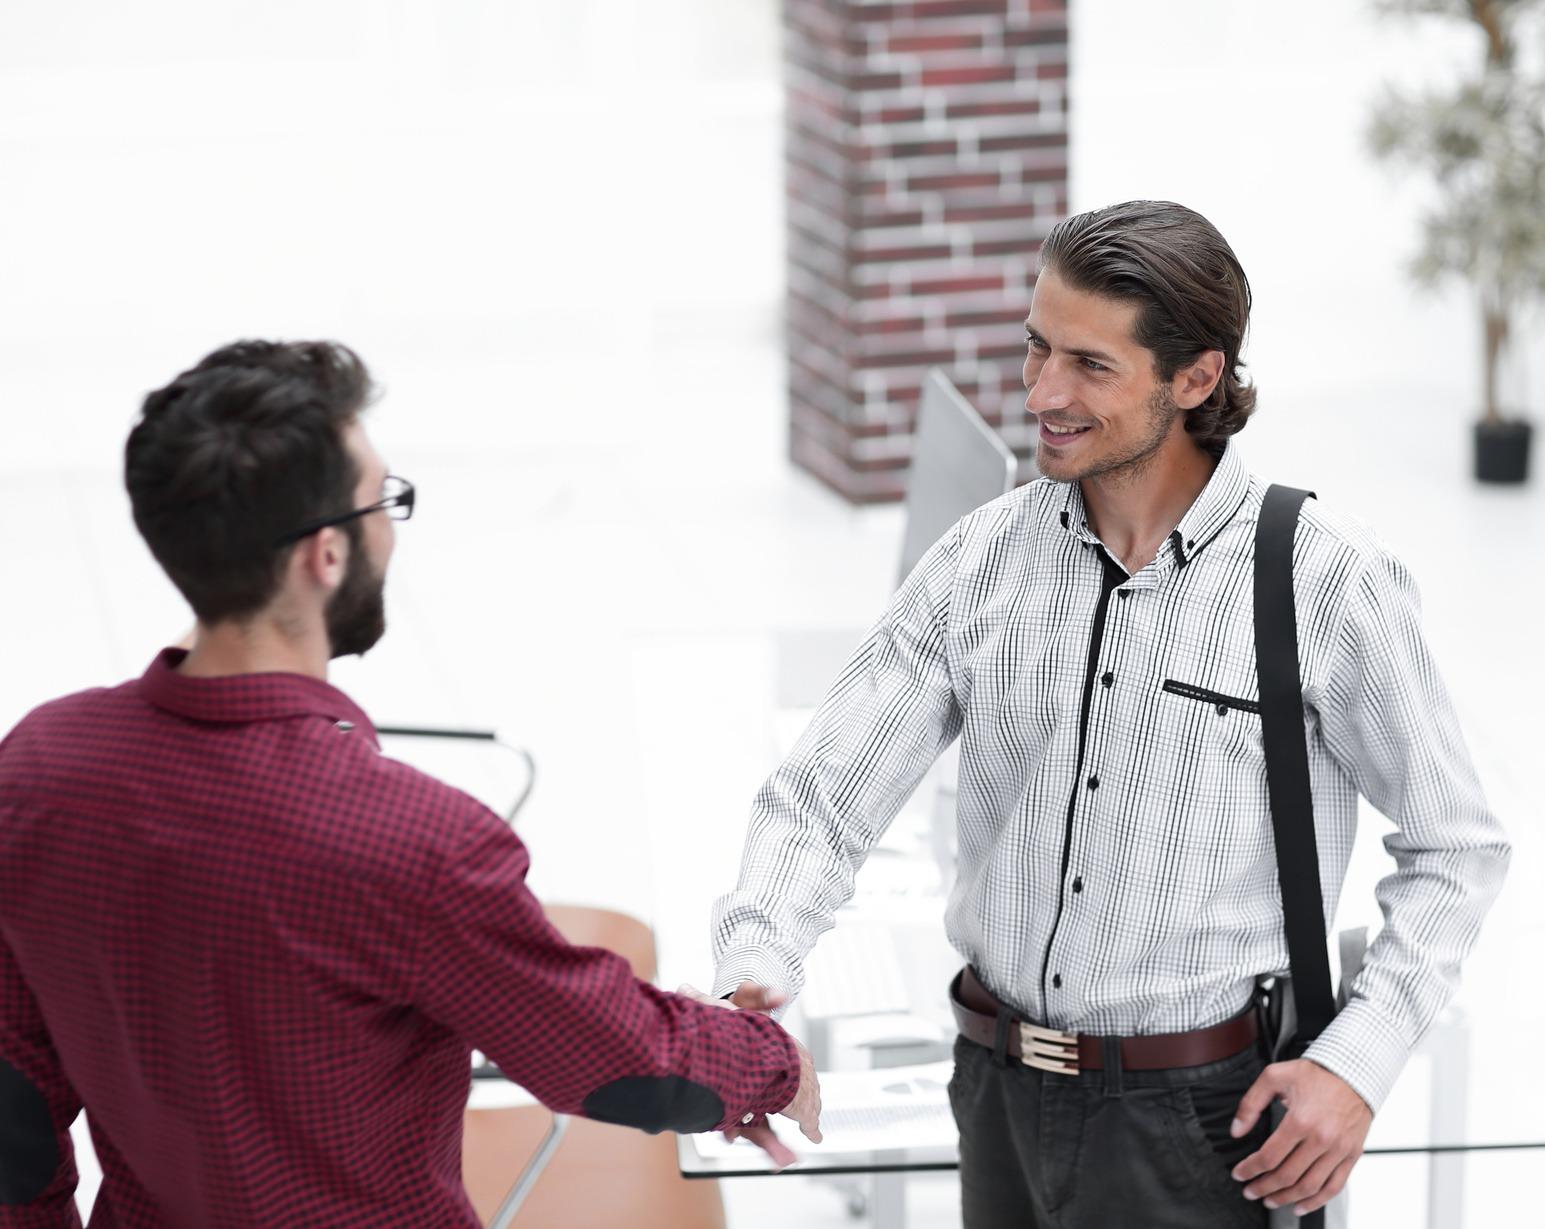 Junger Bewerber beim Handshake vor dem Vorstellungsgespräch.